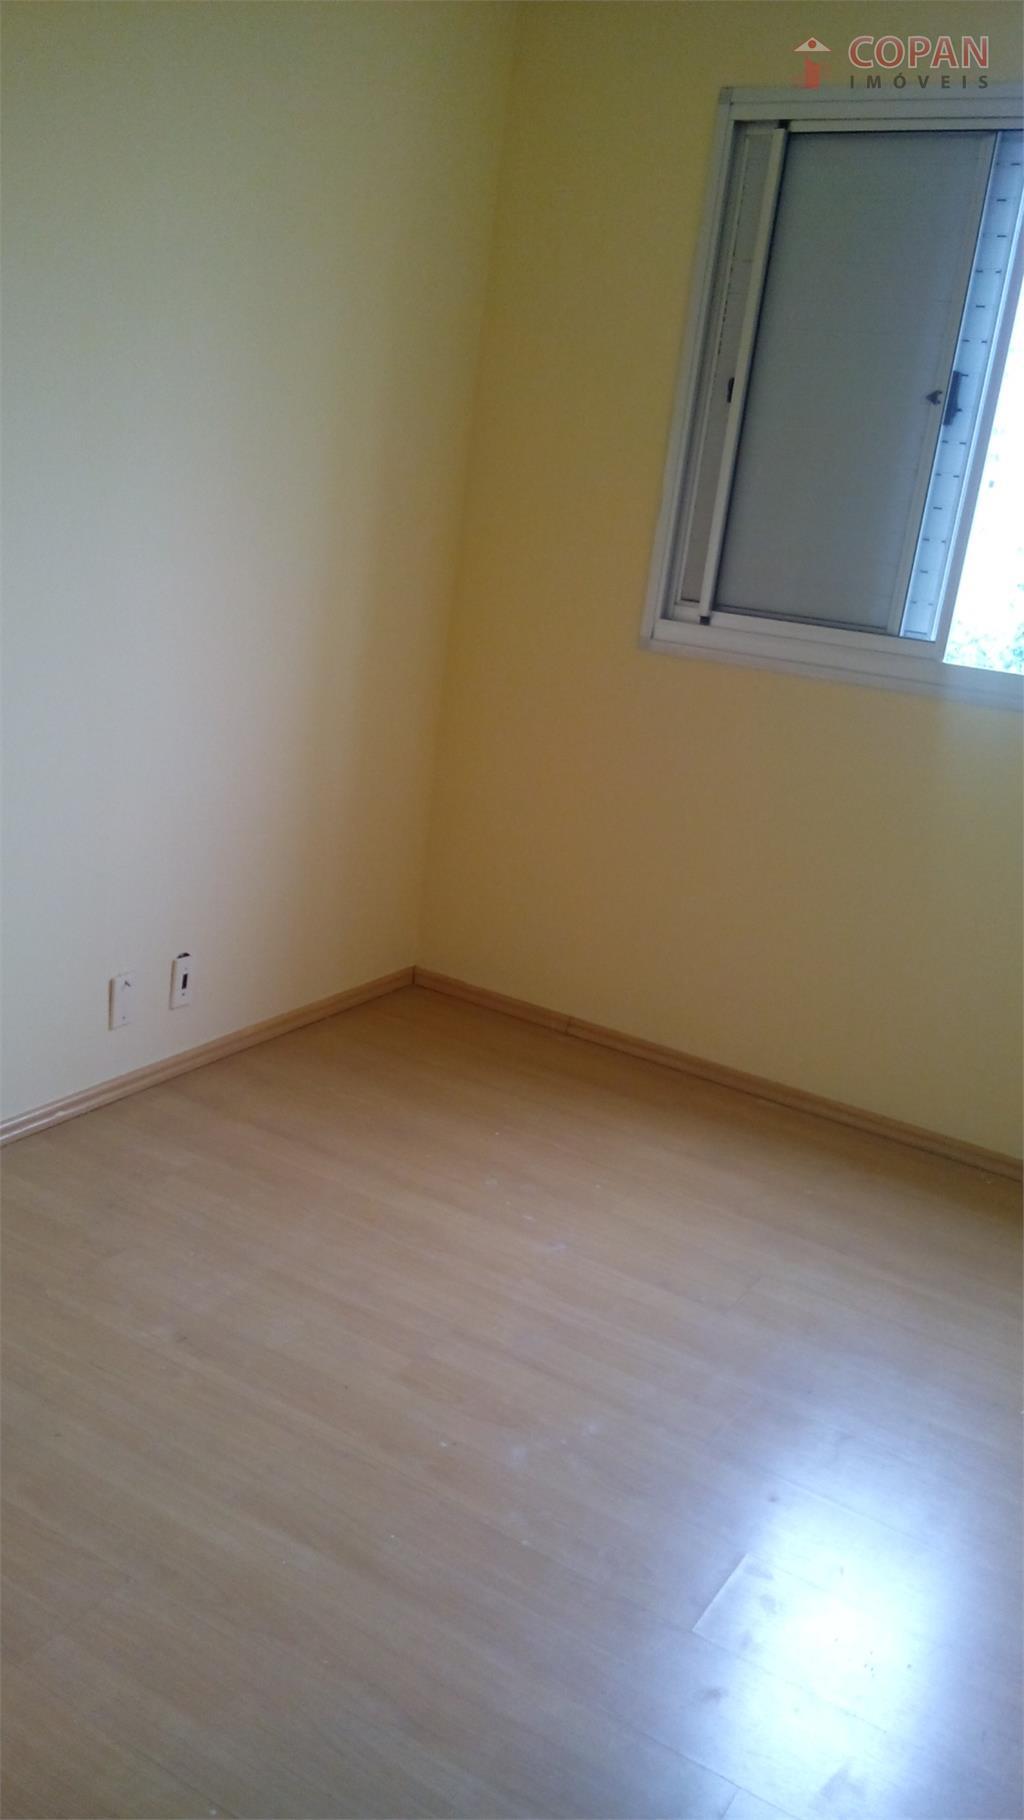 3 dorms, sala, 1 vaga, lavanderia, playground, quadra, salão de festas, churrasqueira, armários, terraço, segurança, portaria...